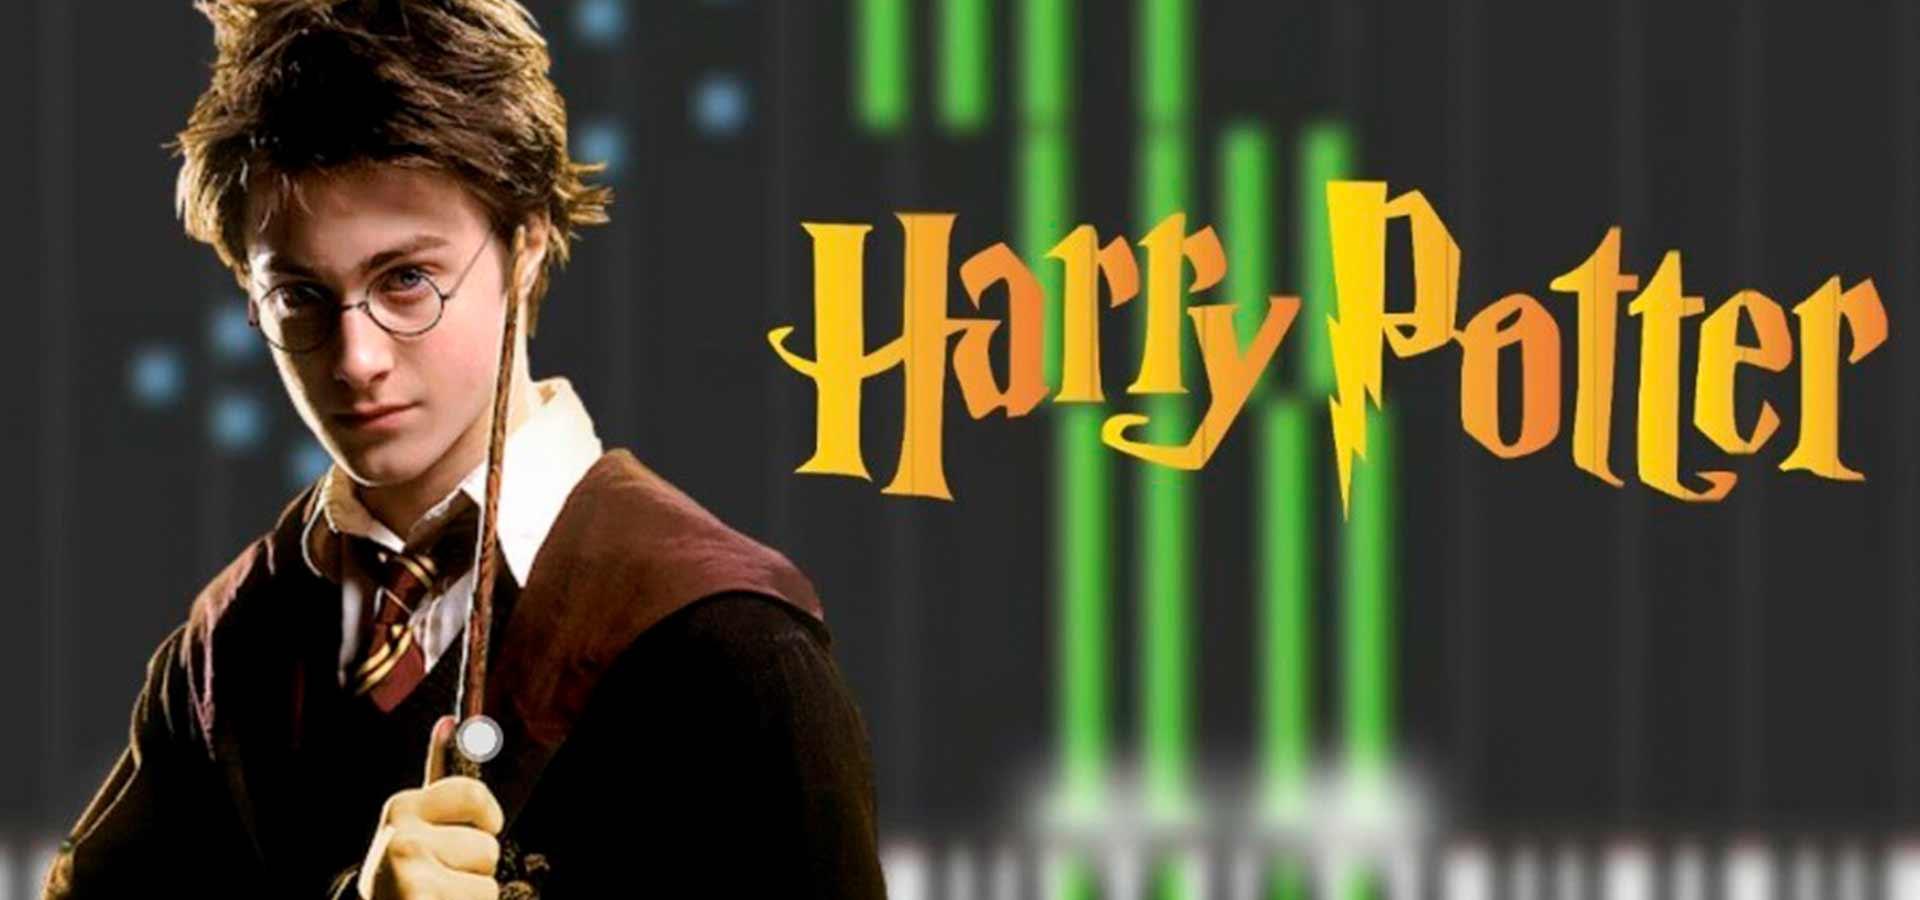 Гарри Поттер - откуда музыка к фильмам?